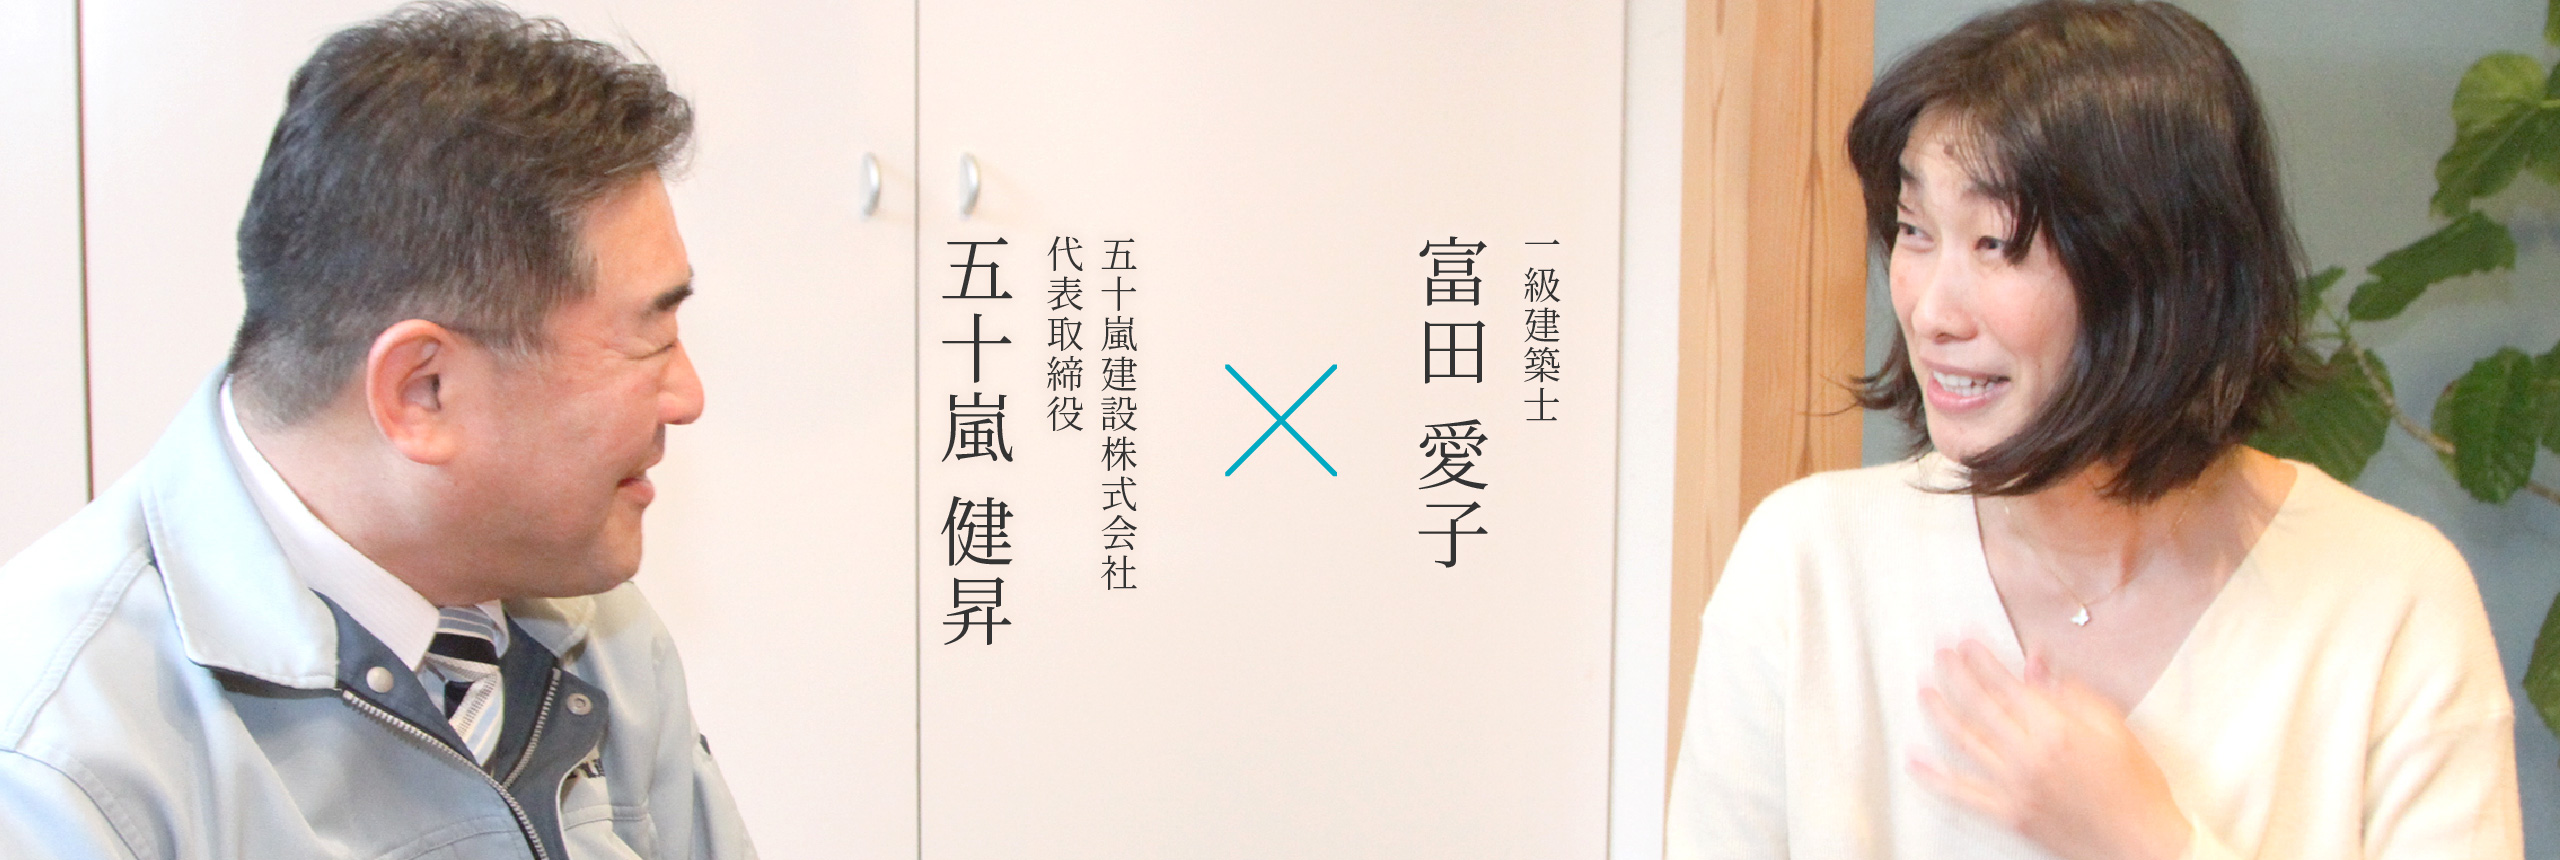 五十嵐健昇 × 富田愛子